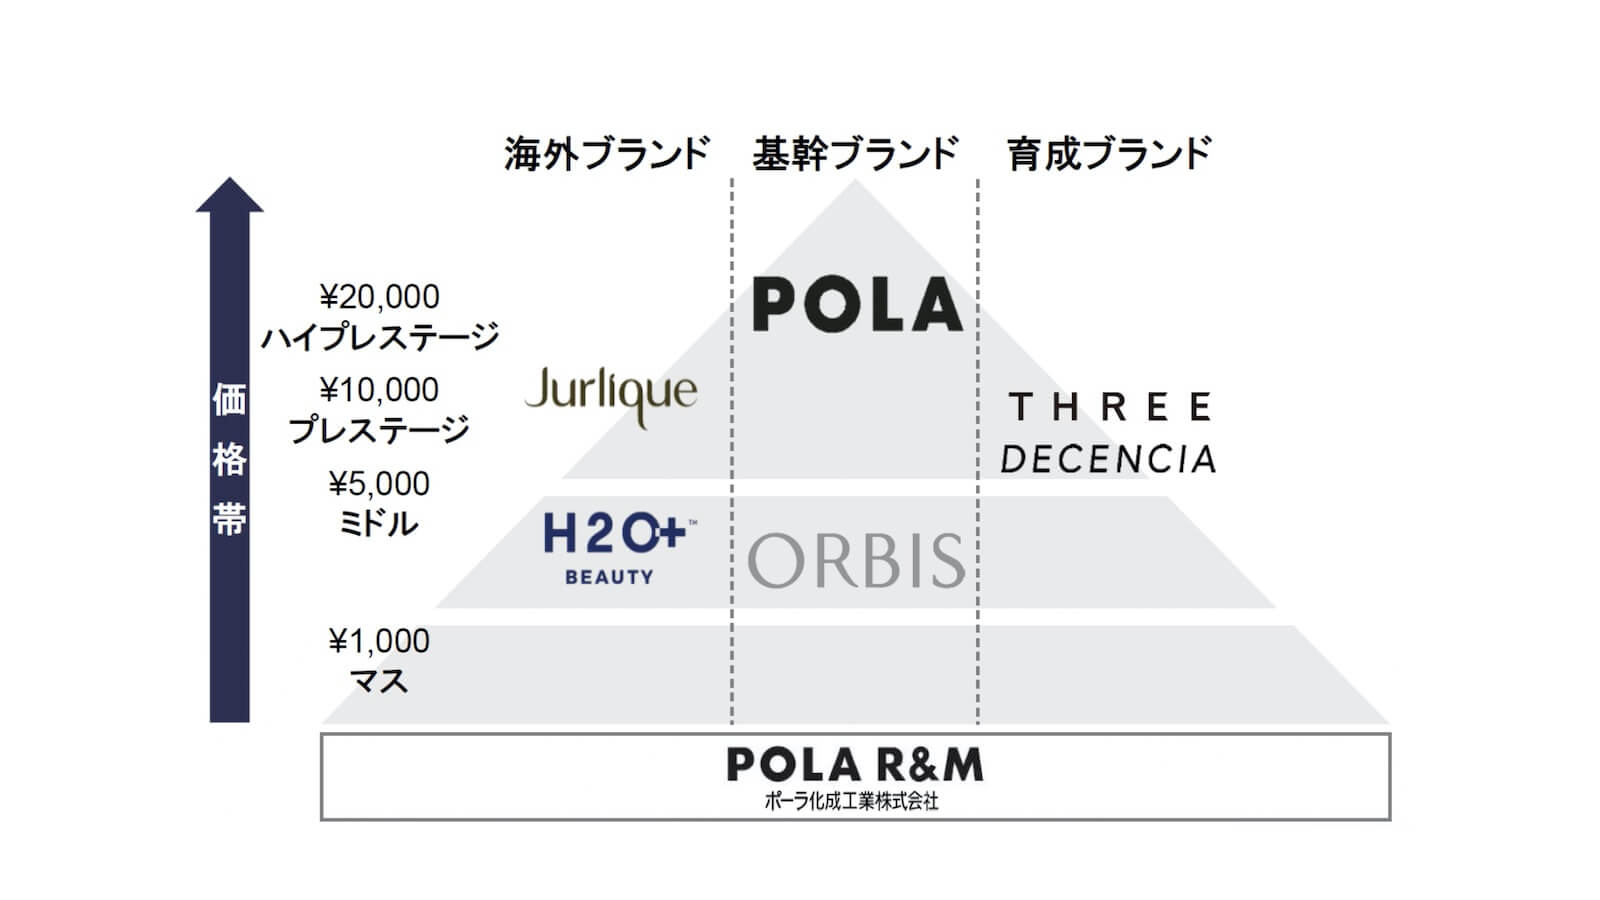 ポーラにおけるBtoC販売体制図